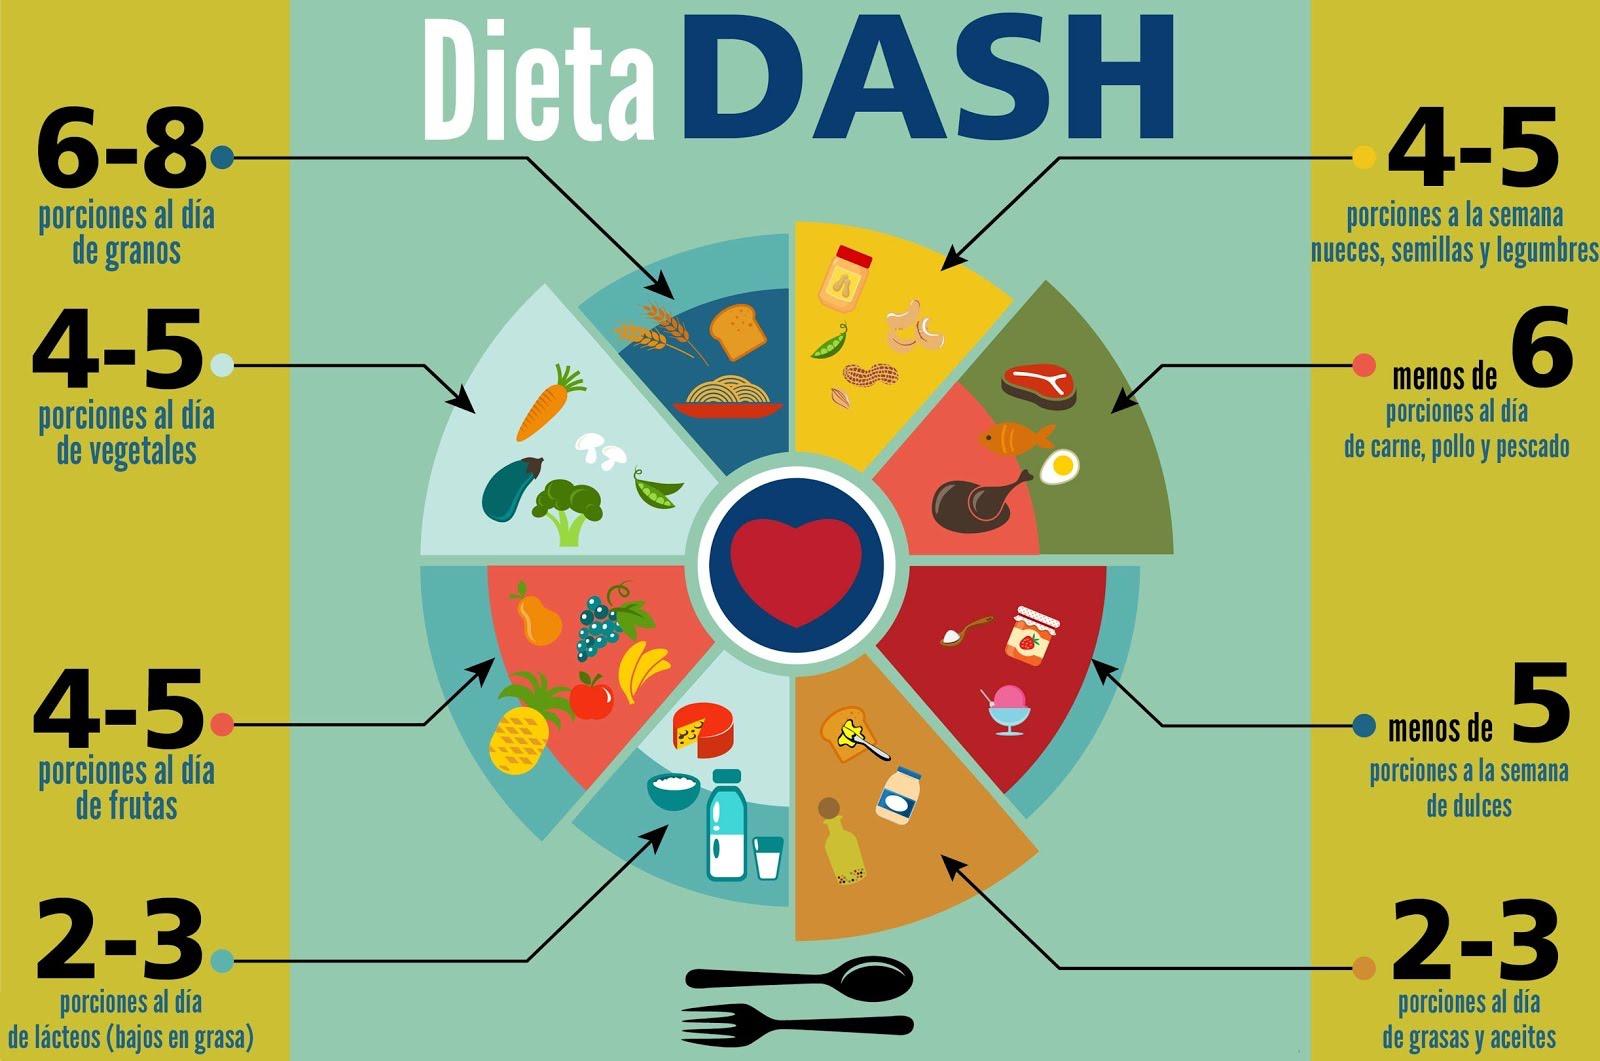 hipertension dieta dash